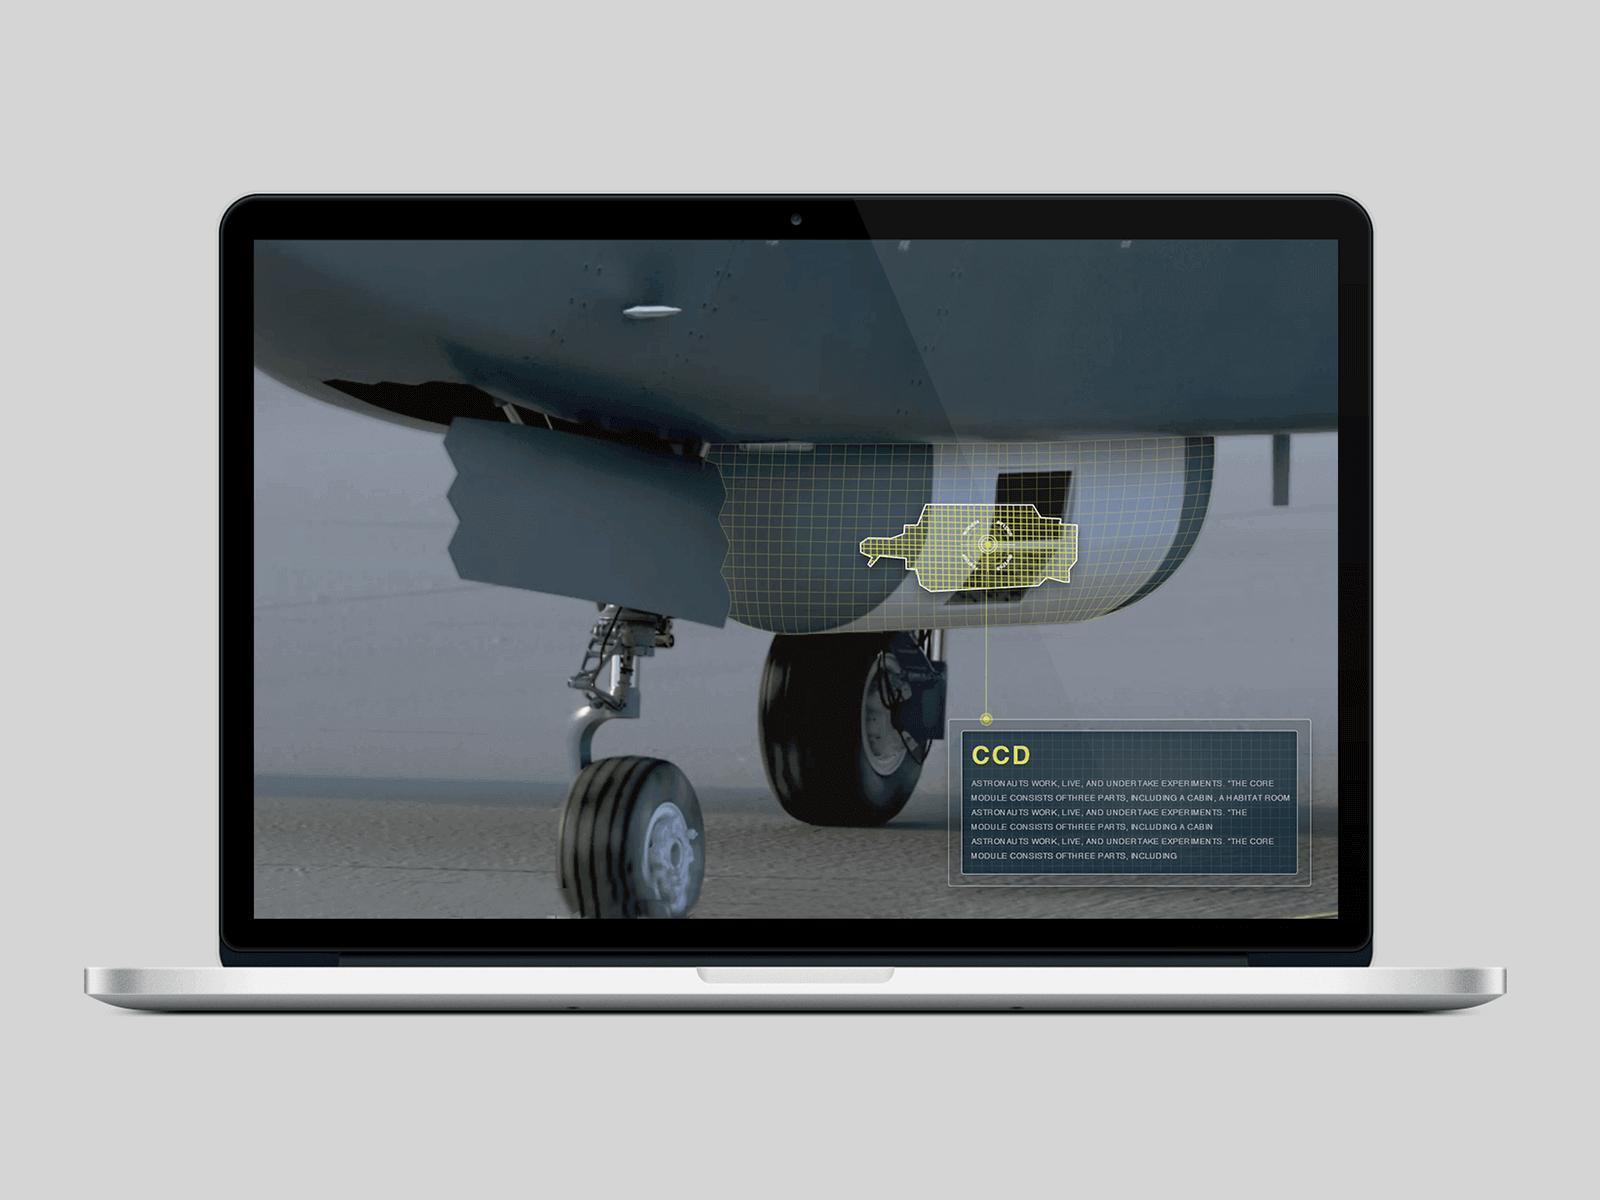 雲影無人機UI界面設計